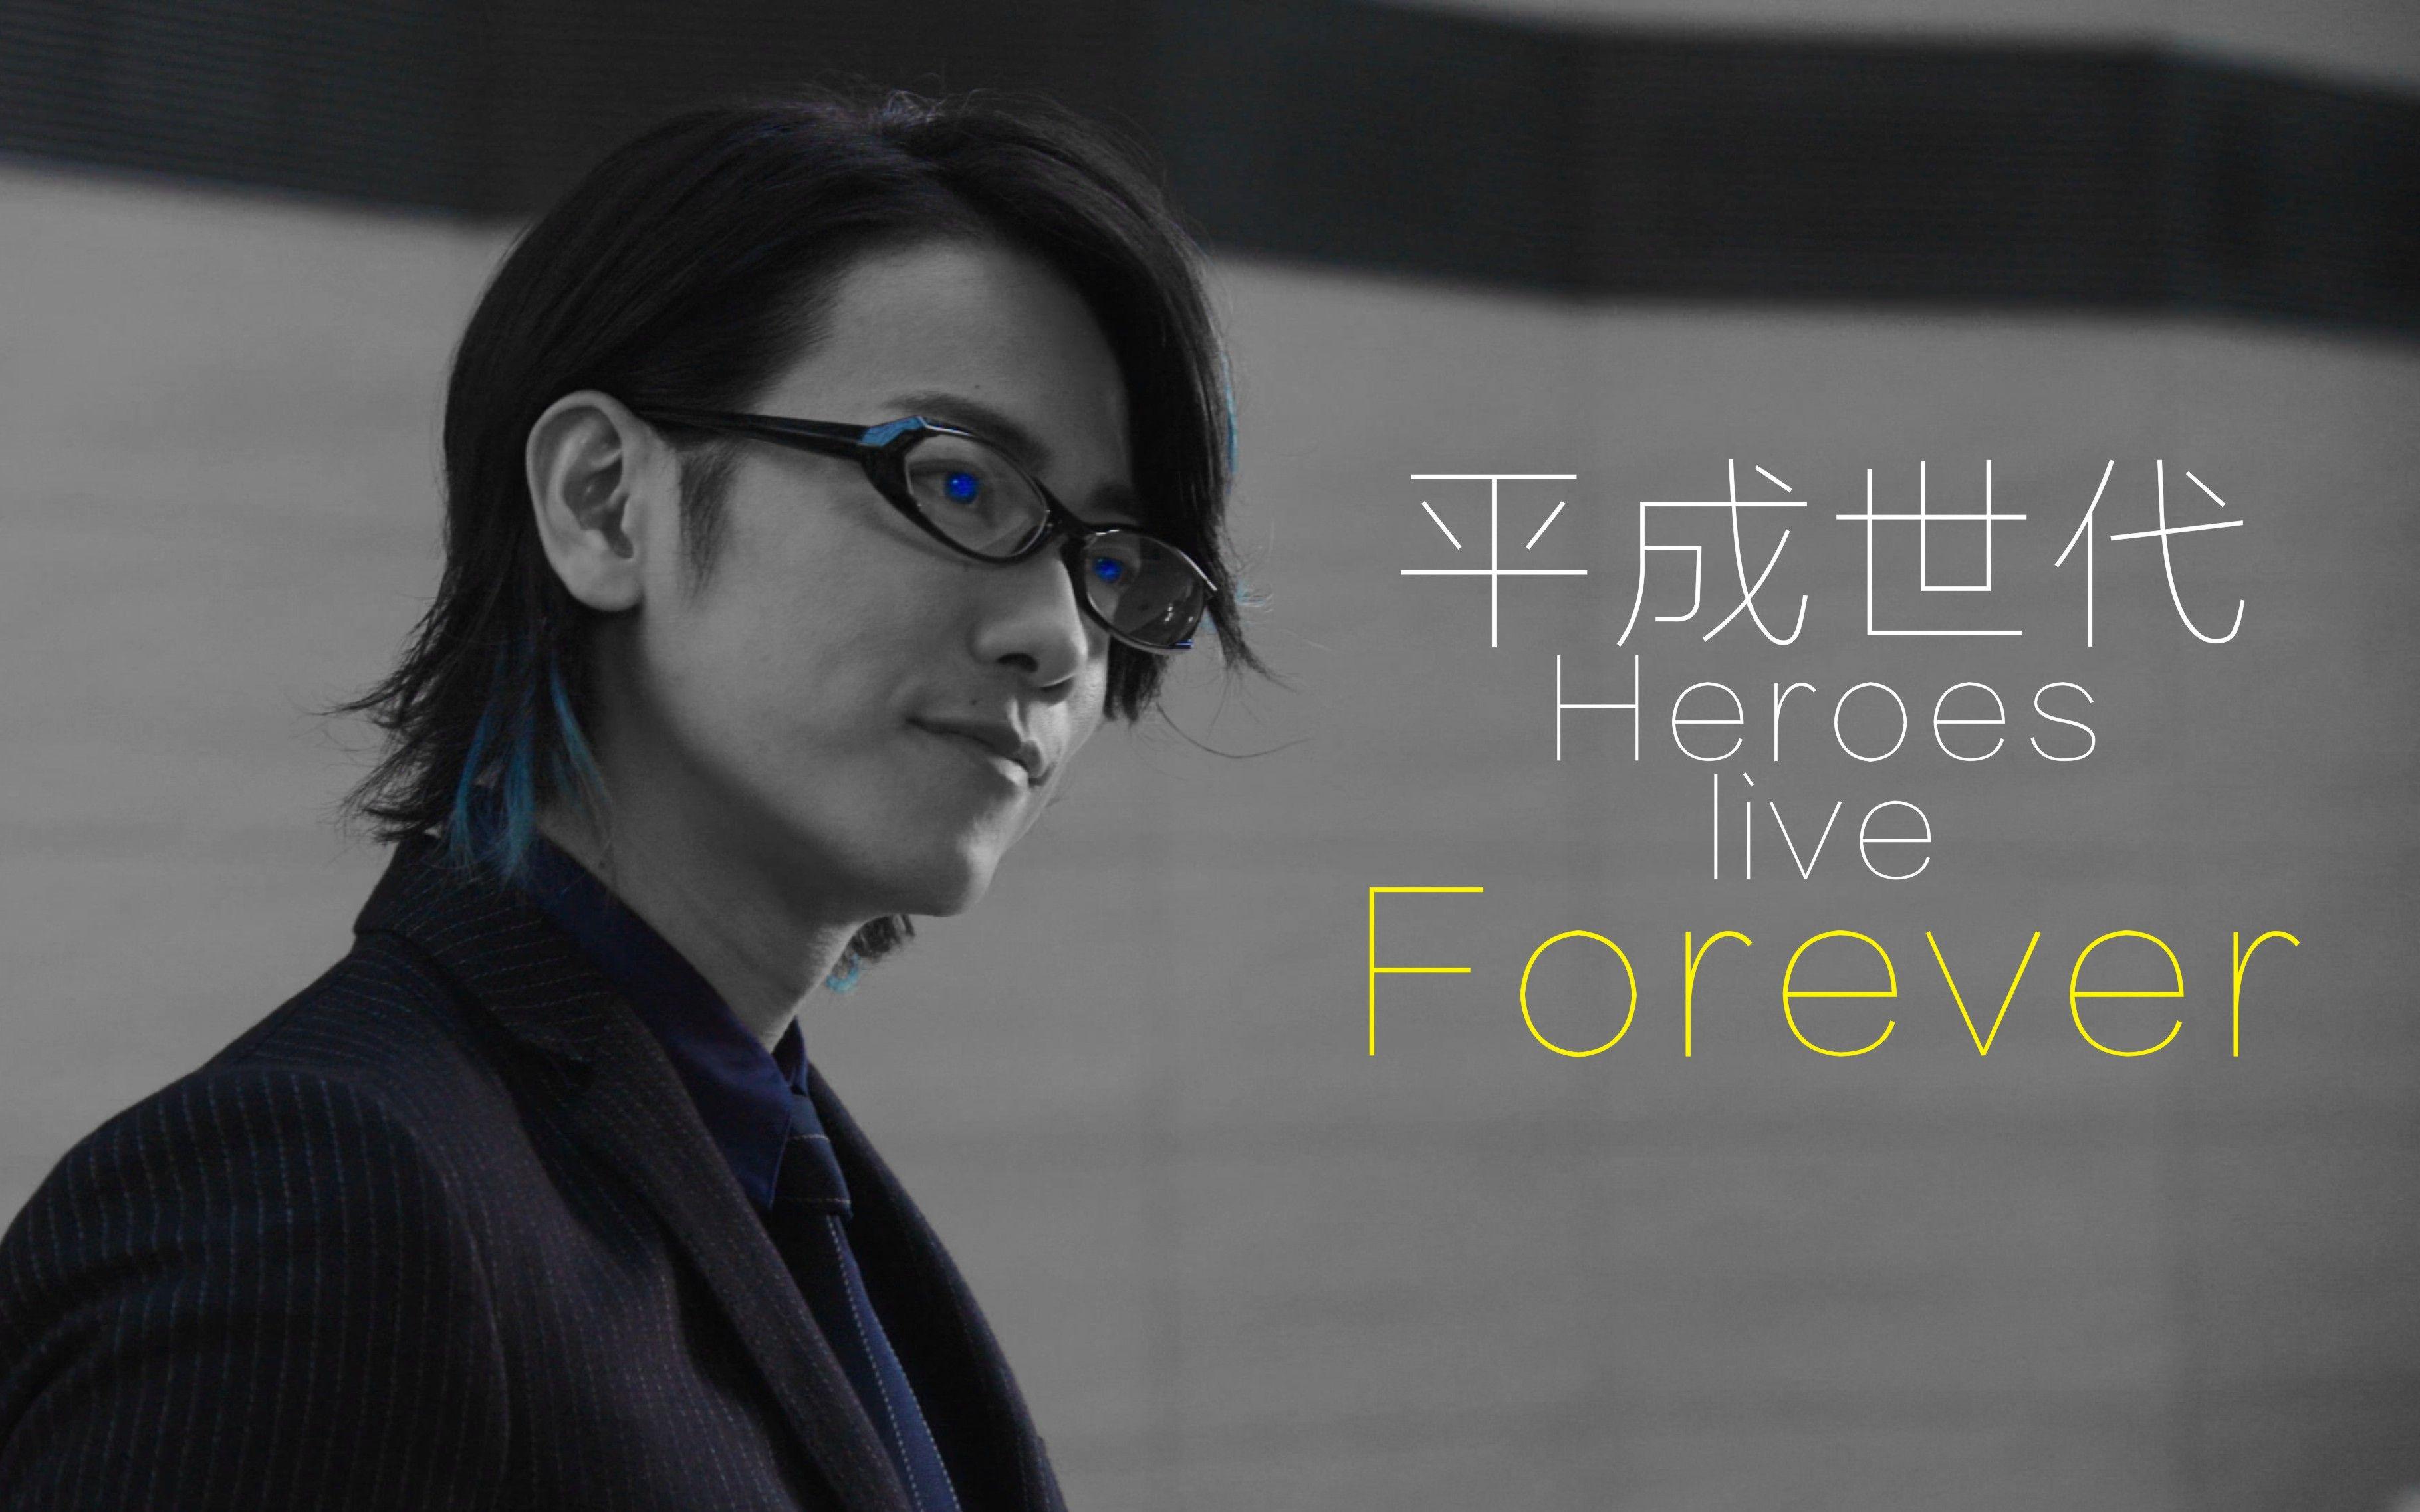 【假面骑士平成Forever】Heroes rise【TVE】